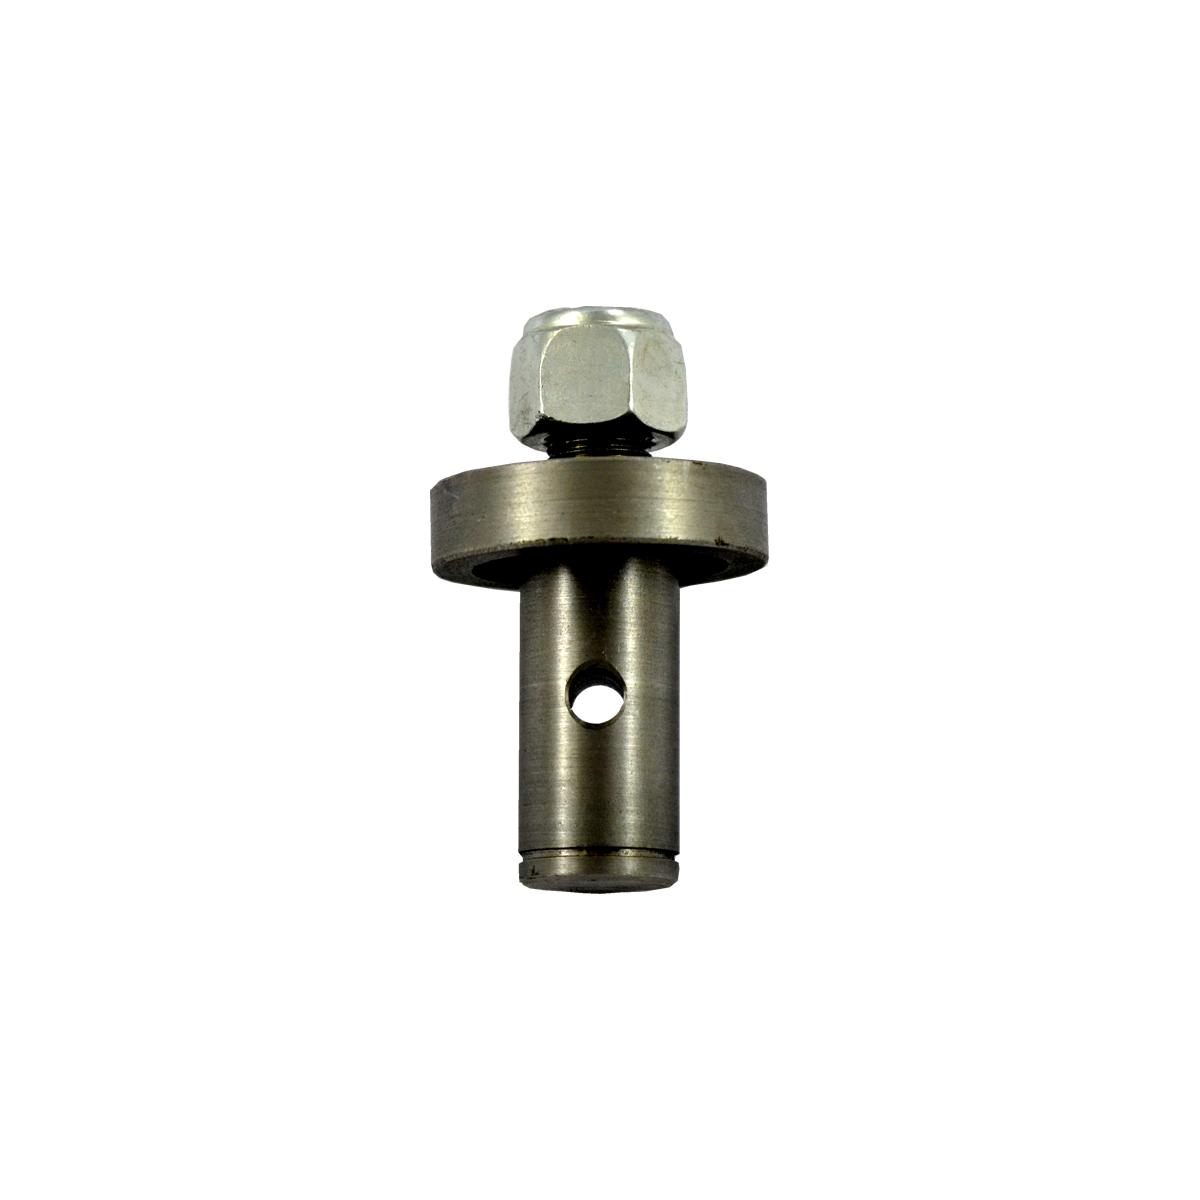 000-029-015K Pivot Stud Kit